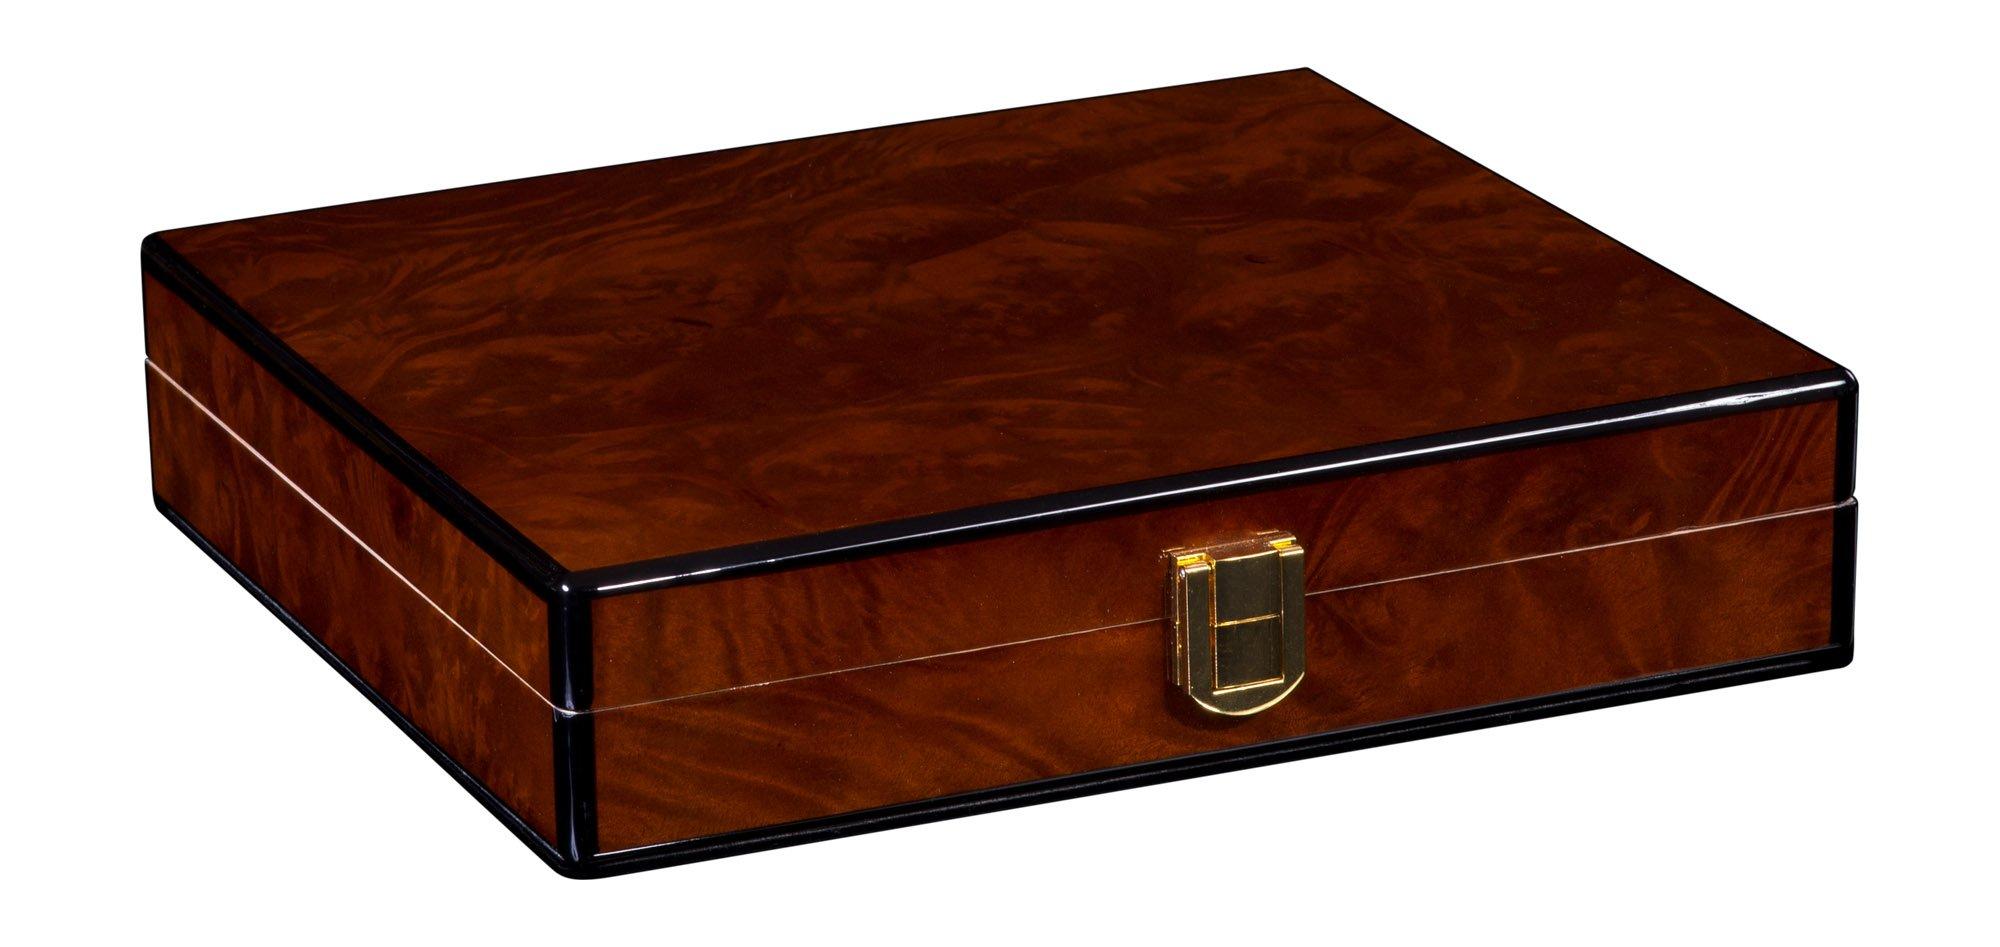 Daniel Marshall Desk-Travel Humidor in Precious Burl Private Stock Sale Humidor